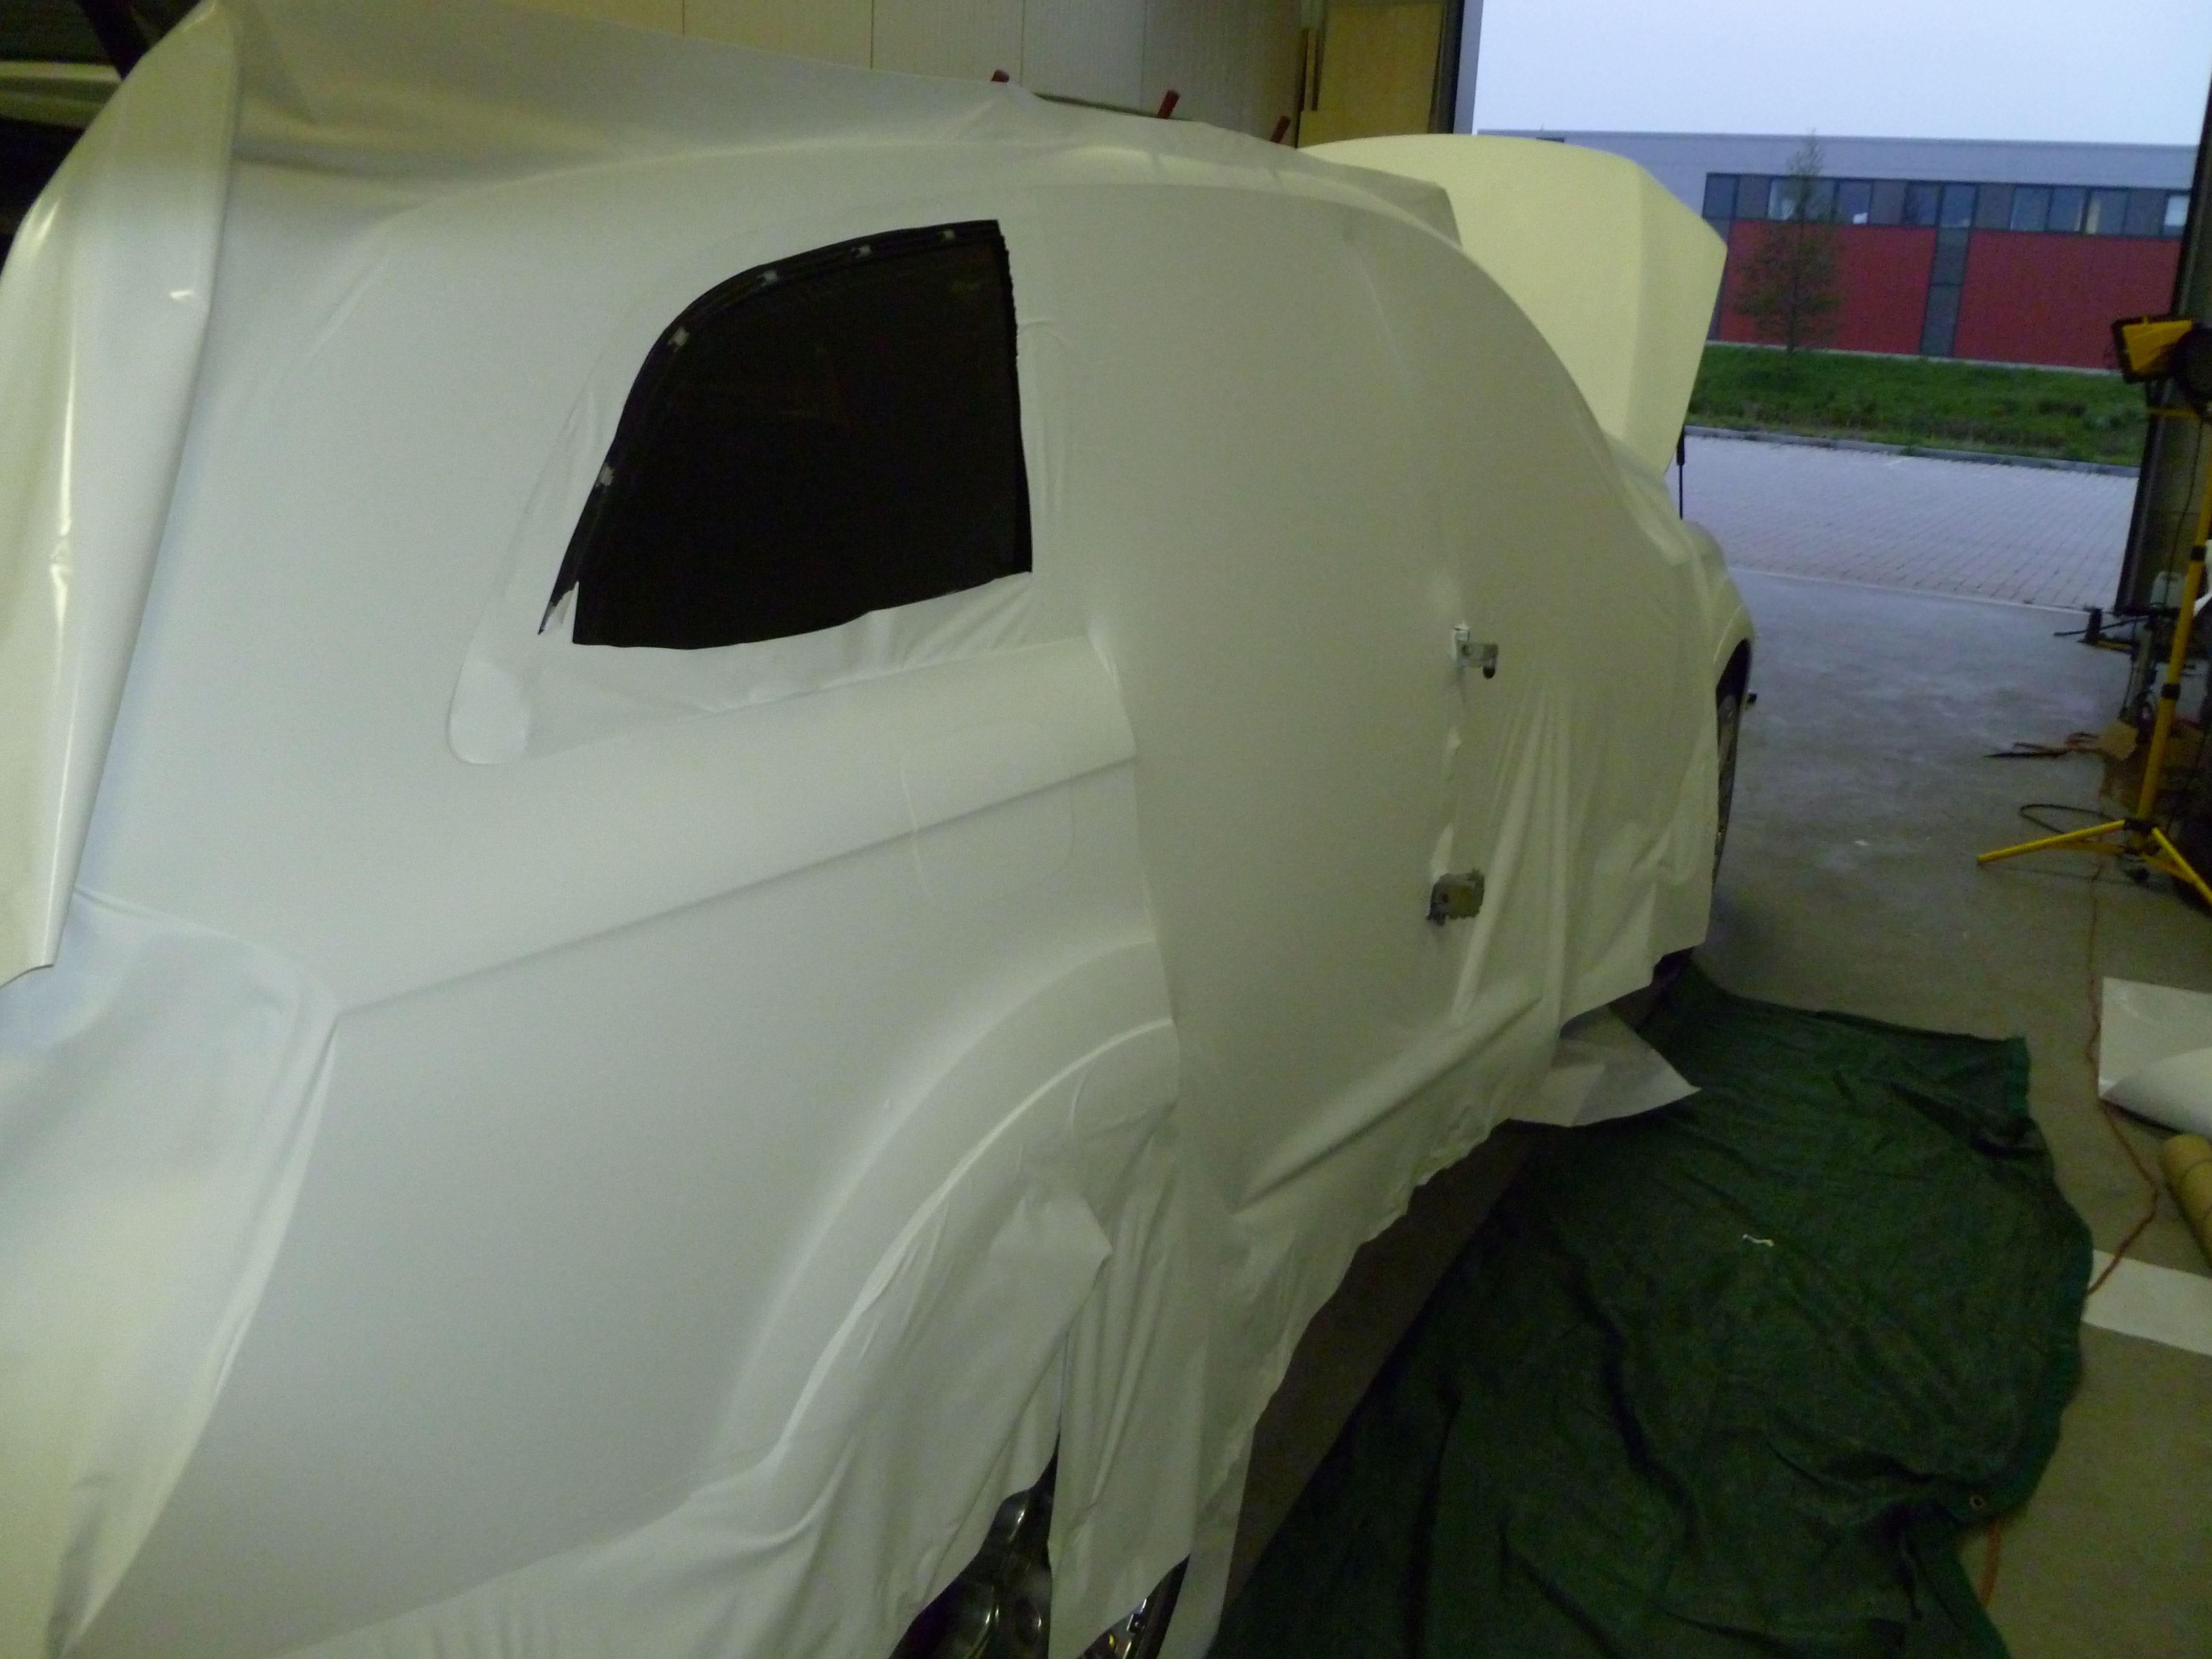 Audi Q7 met Mat Witte Wrap, Carwrapping door Wrapmyride.nu Foto-nr:5010, ©2021